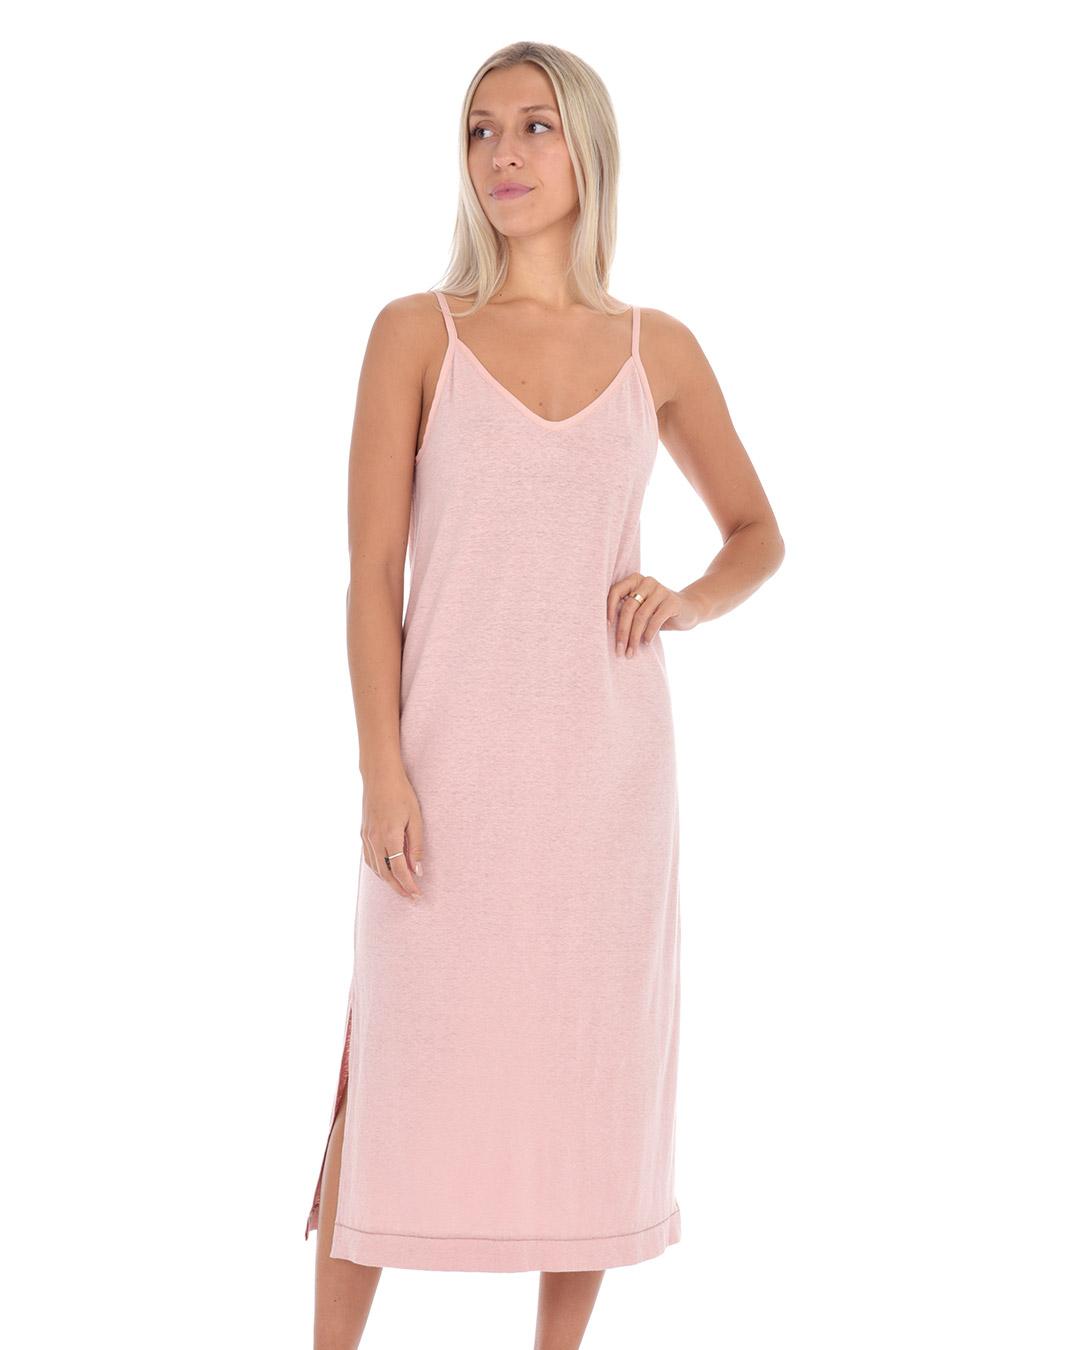 paper-label-jewel-dress-01-dianes-lingerie-vancouver-1080x1350